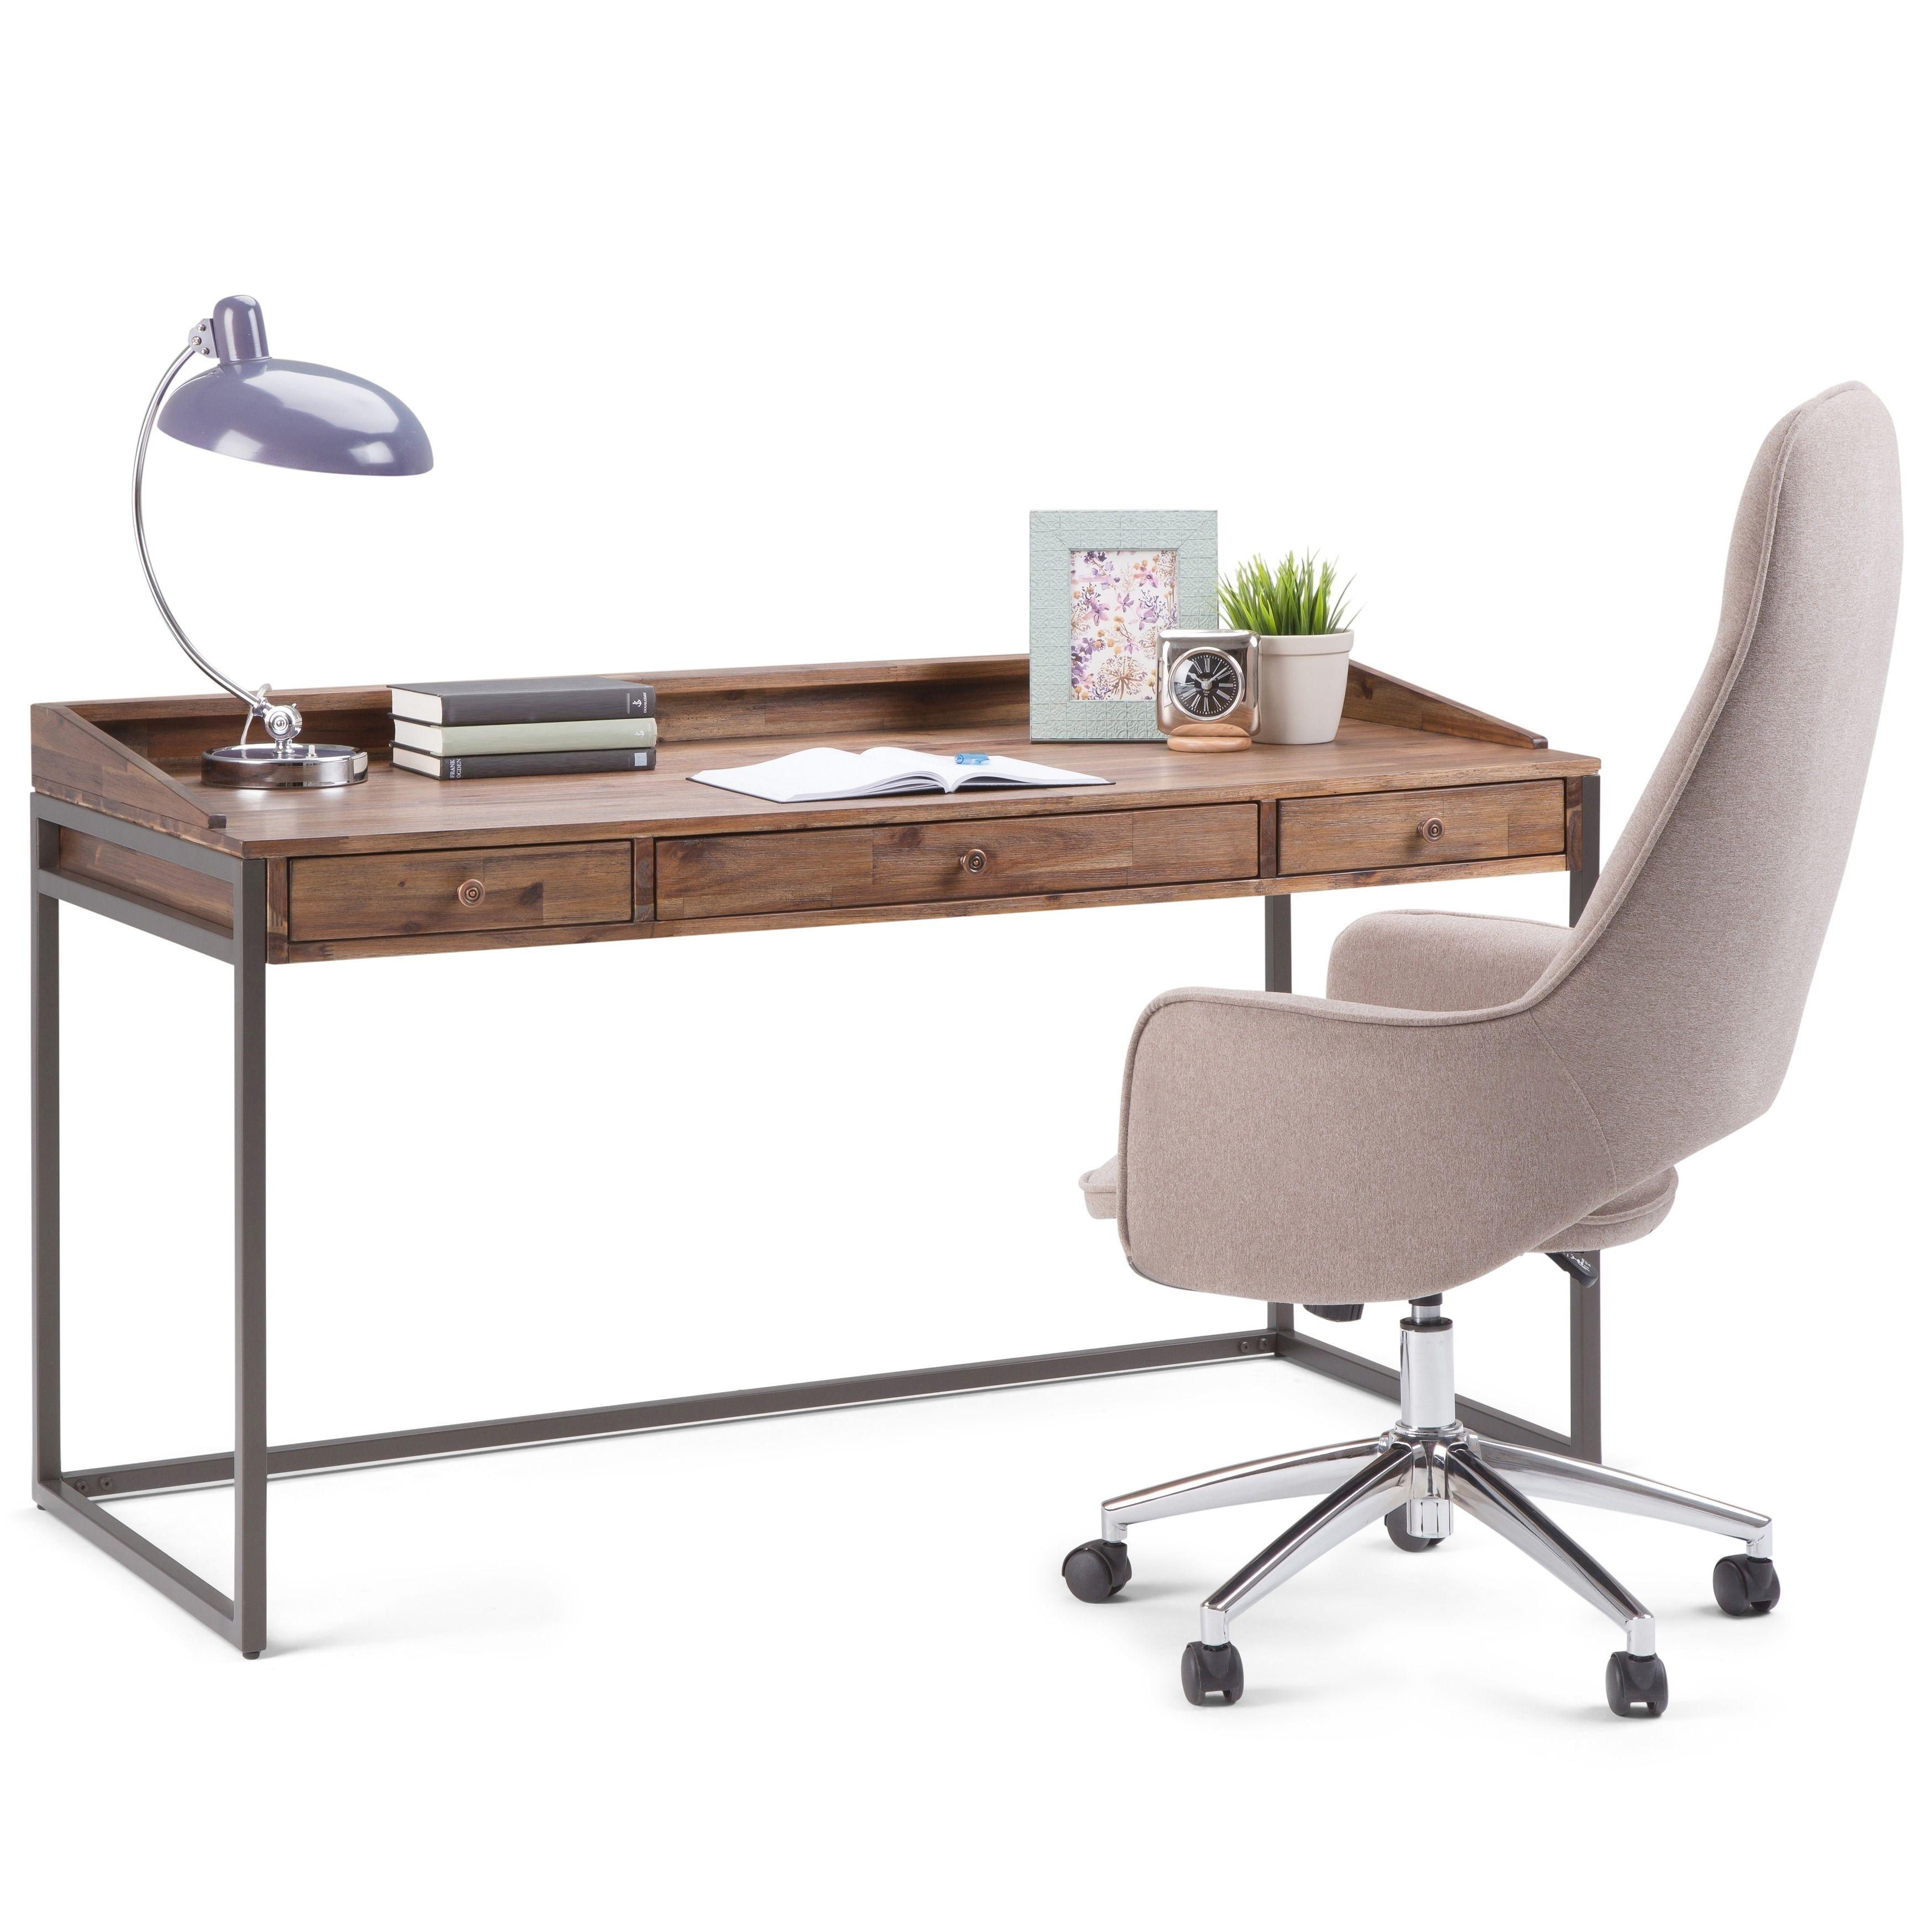 Wyndenhall brinkley modern industrial solid acacia wood metal grey desk